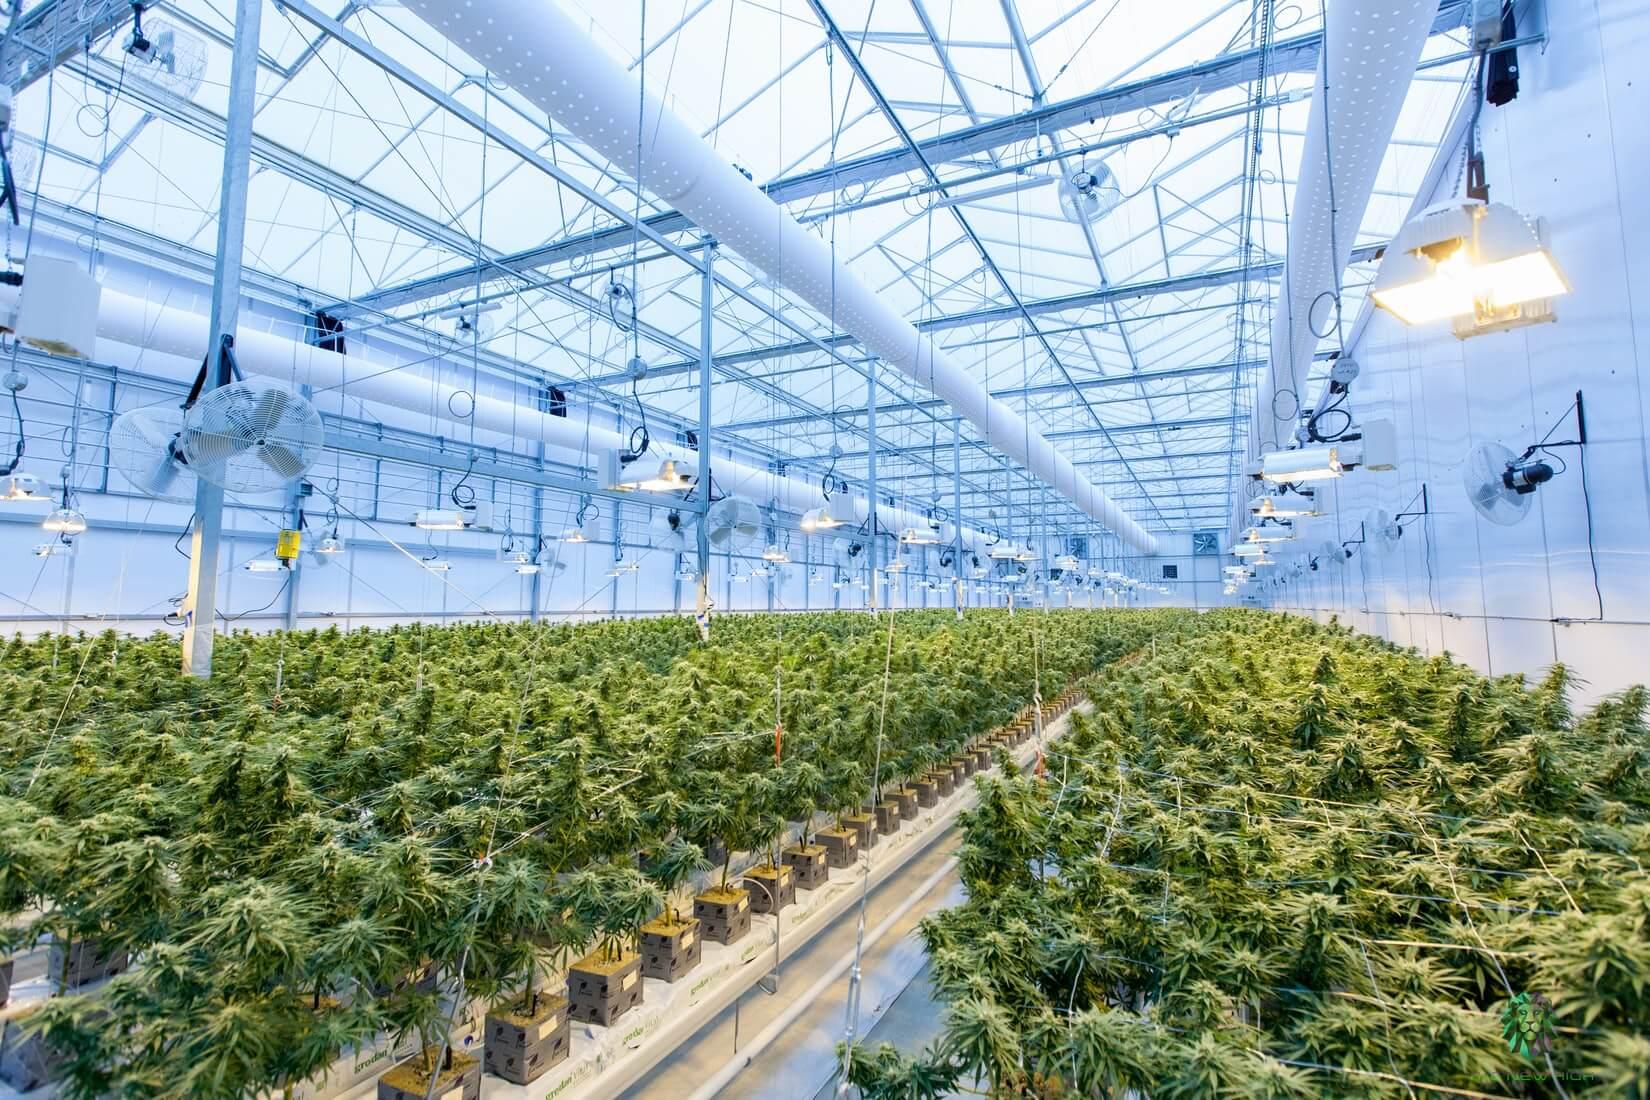 Technologie LED dans les lampes de culture de cannabis (photo)